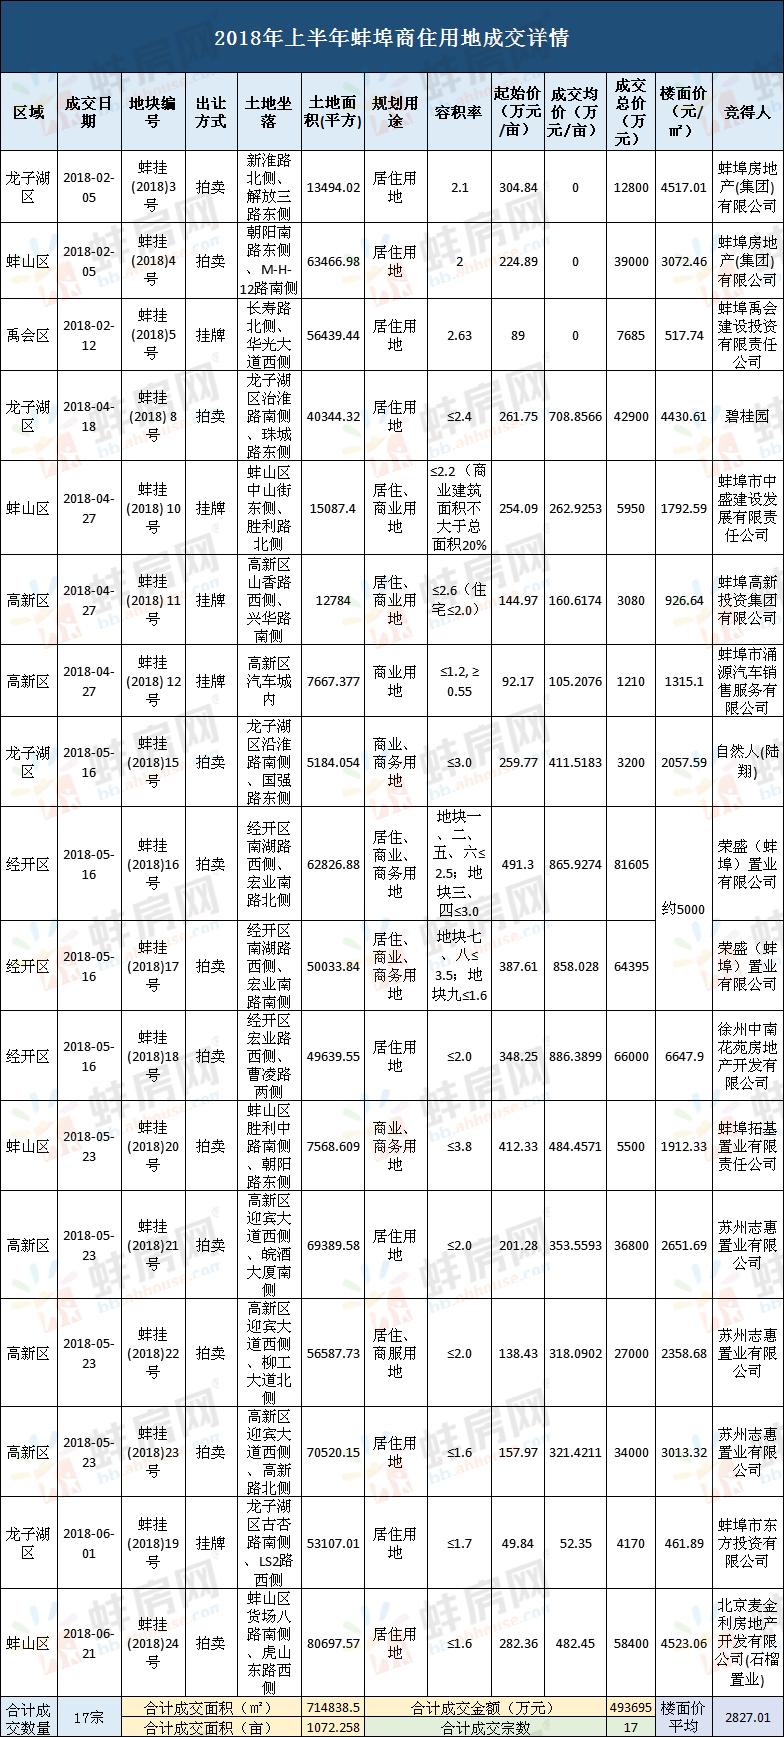 2018年上半年蚌埠土地成交详情